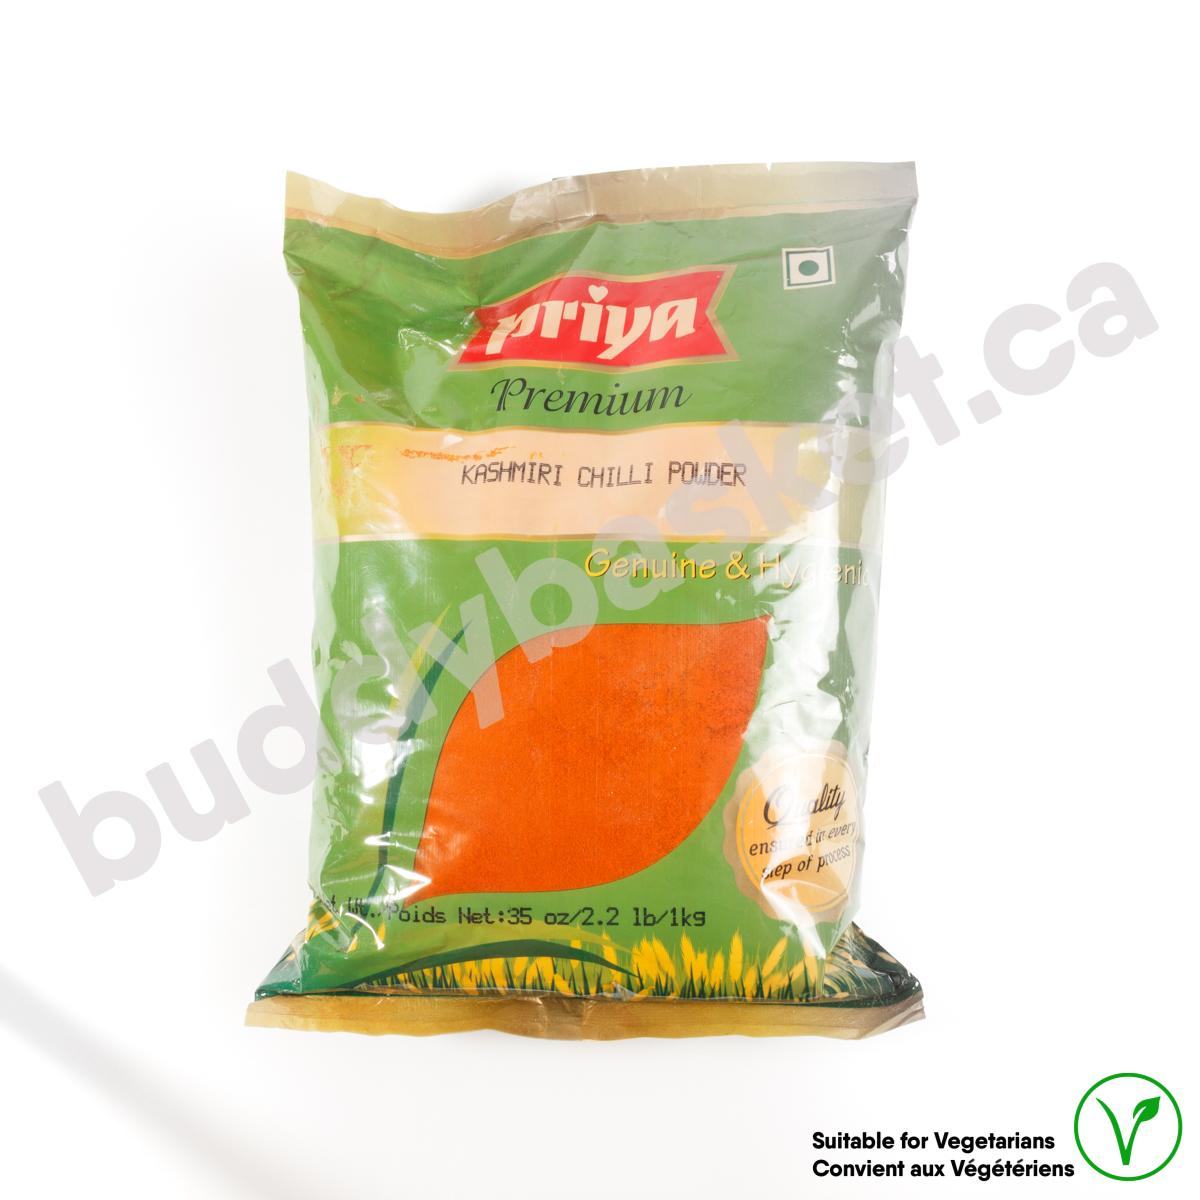 Priya Kashmiri Chilli Pwder 1kg